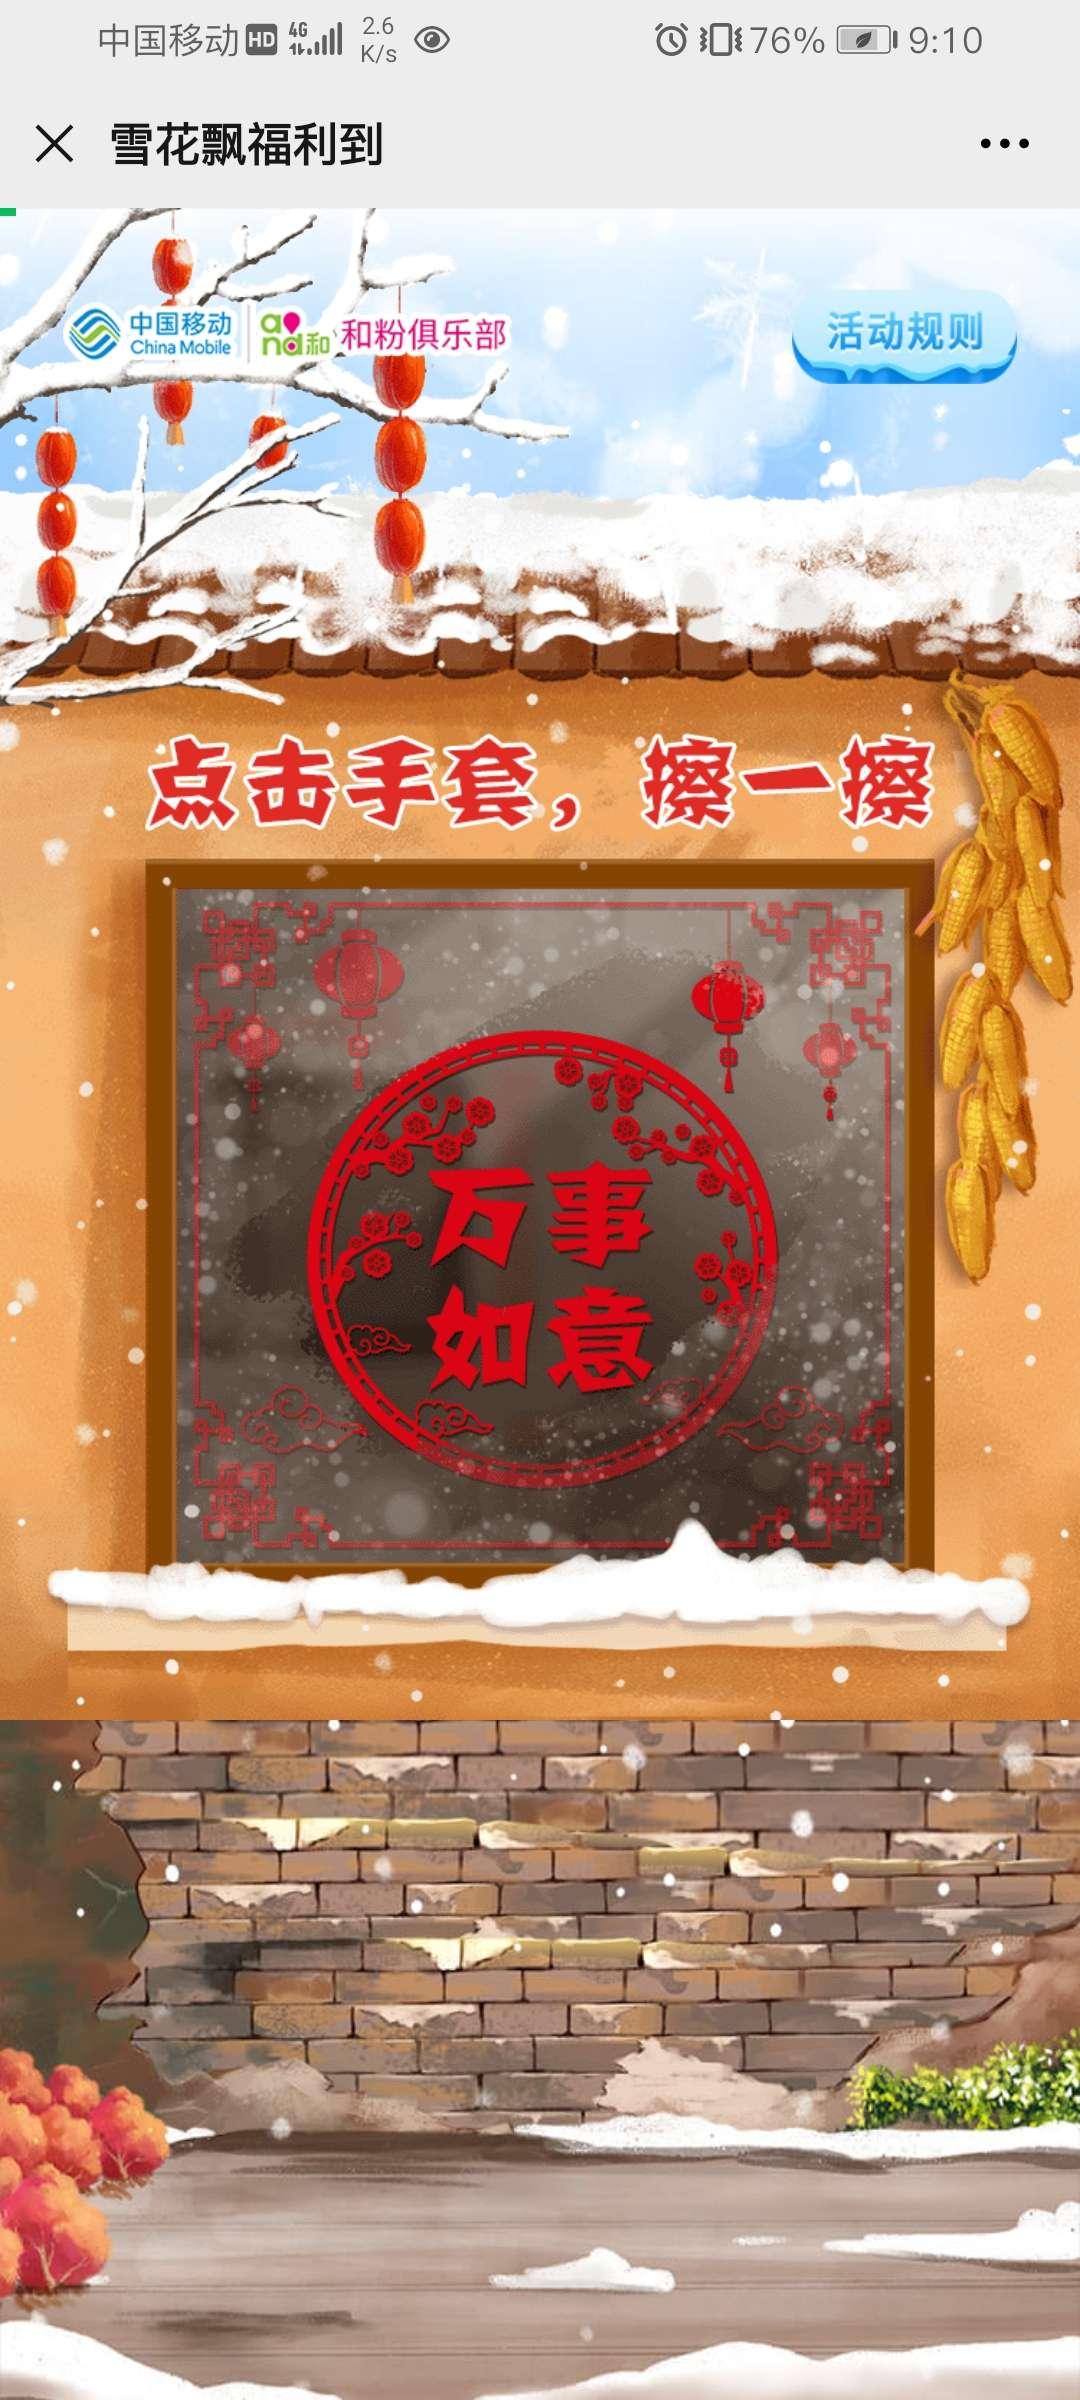 图片[2]-中国移动免费送流量 白瞟?-老友薅羊毛活动线报网